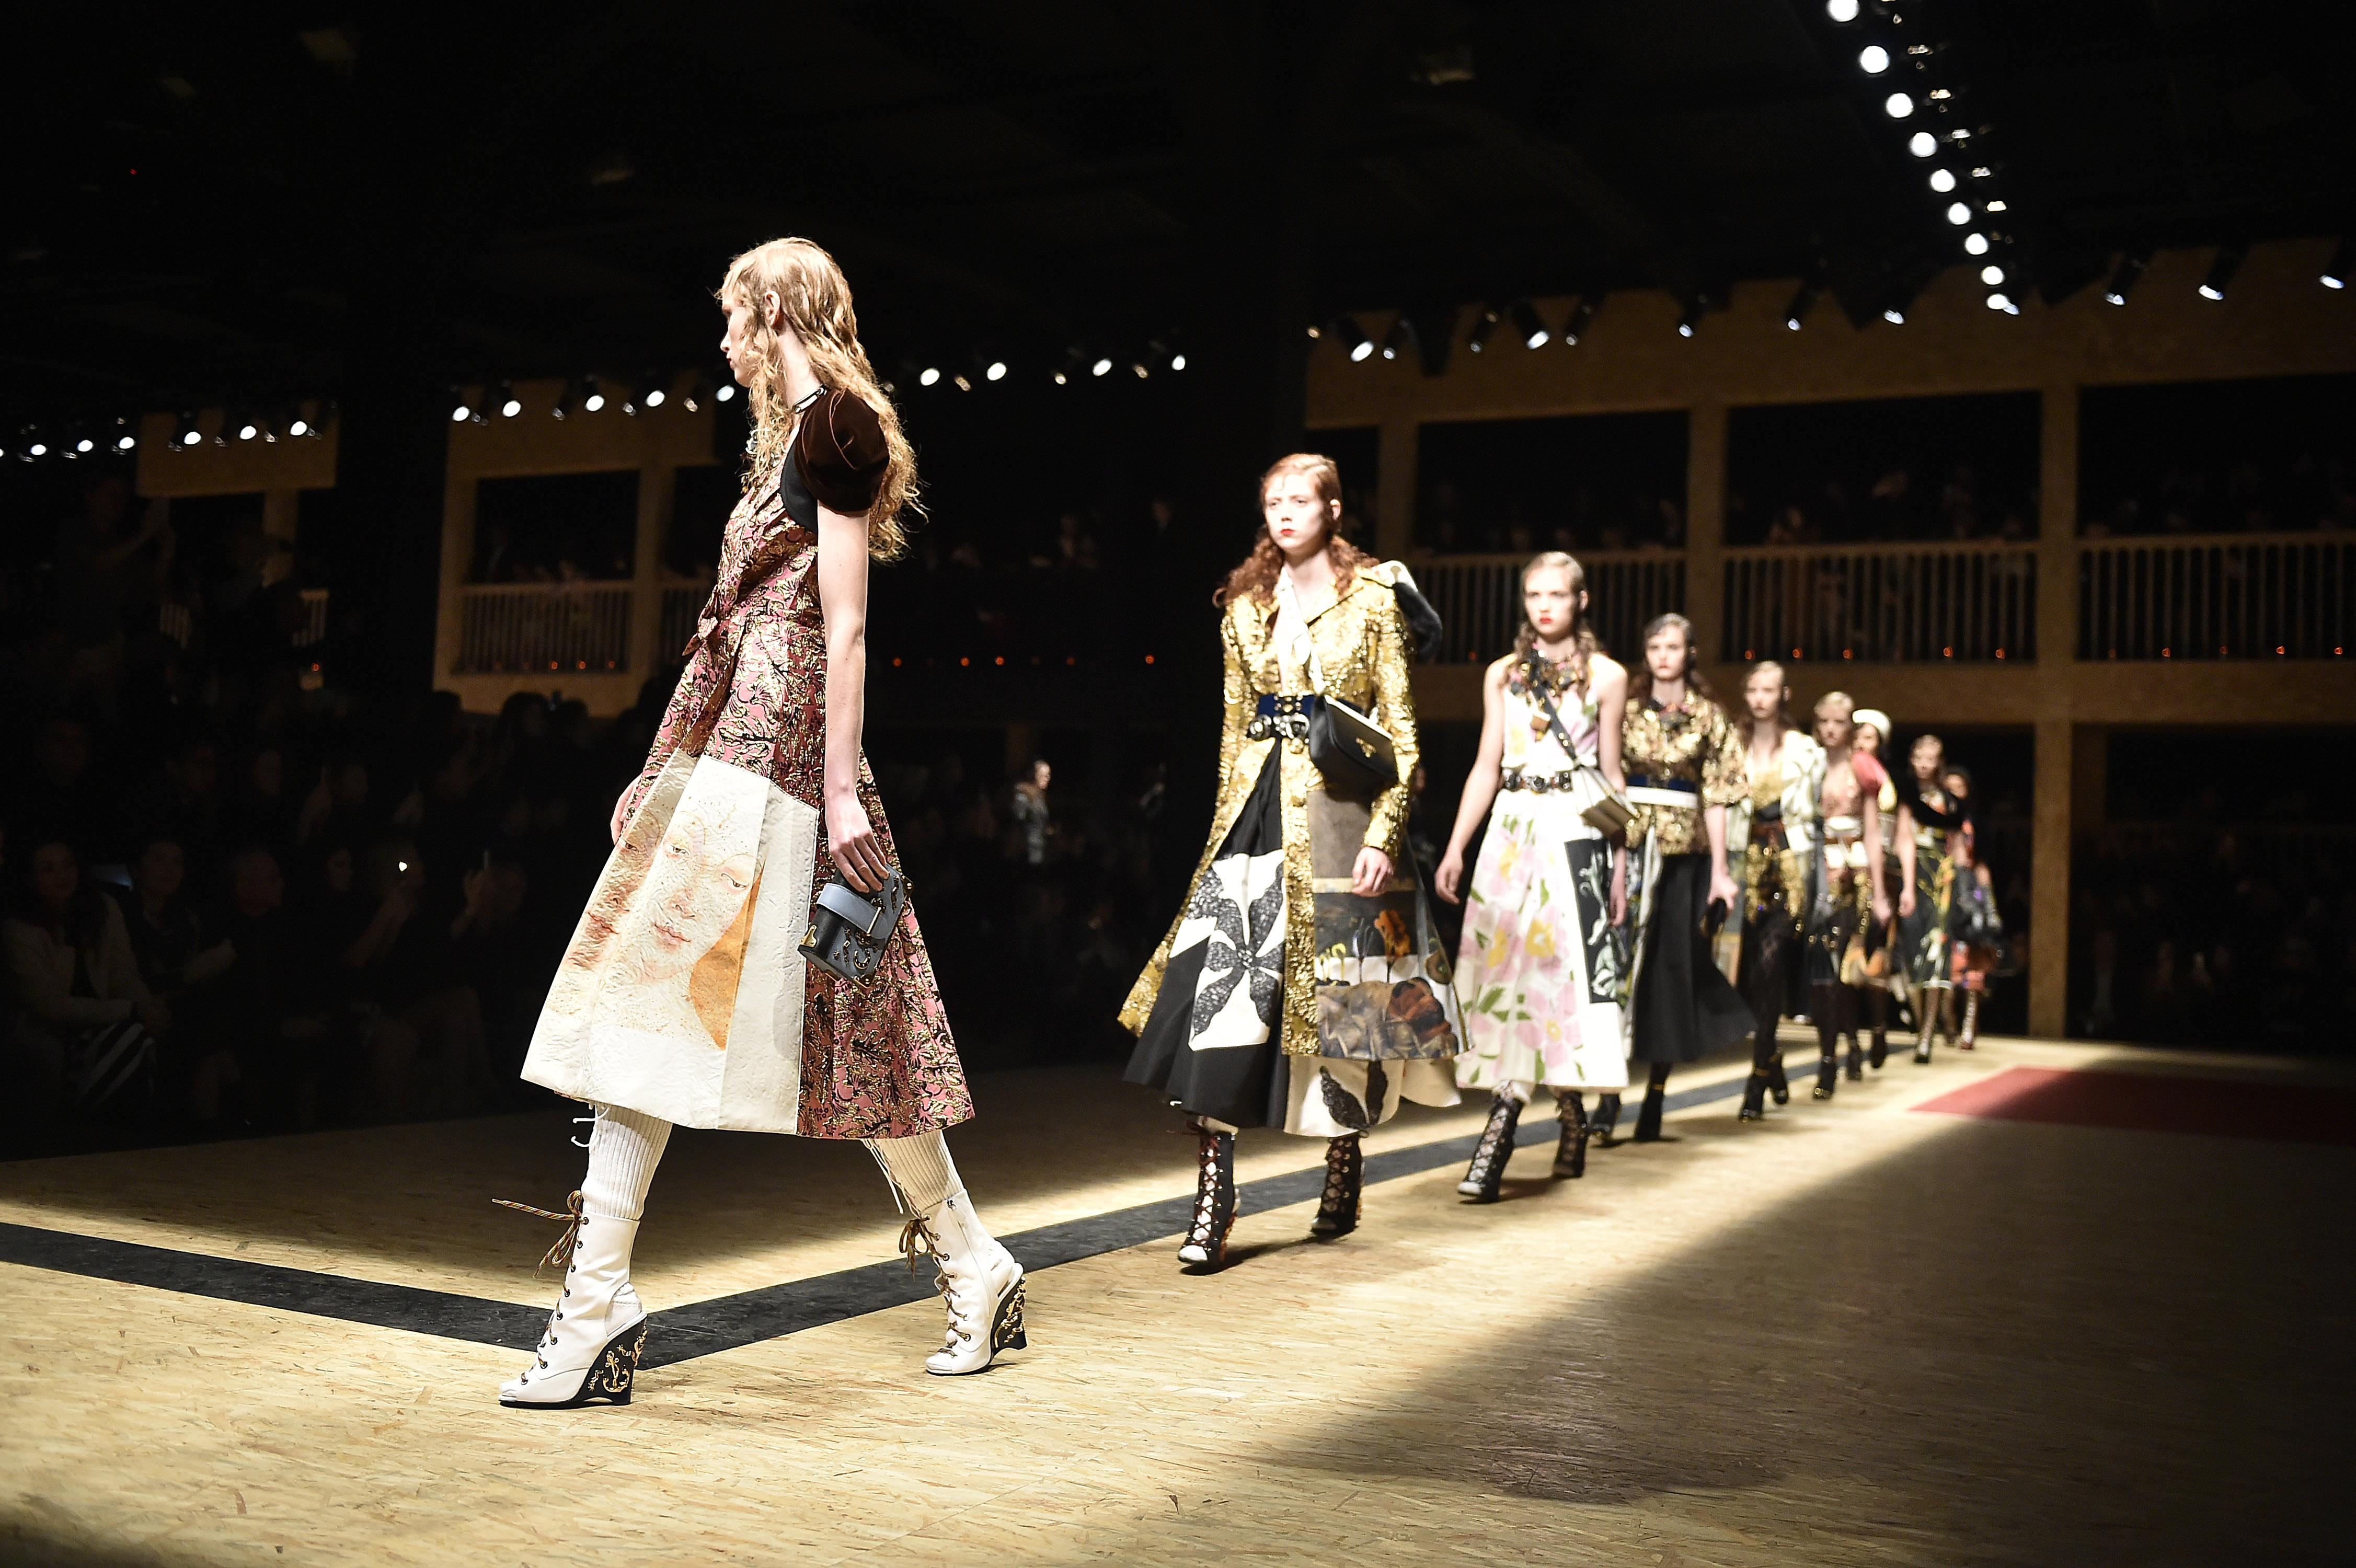 Prada - Runway RTW - Fall 2016 - Milan Fashion Week